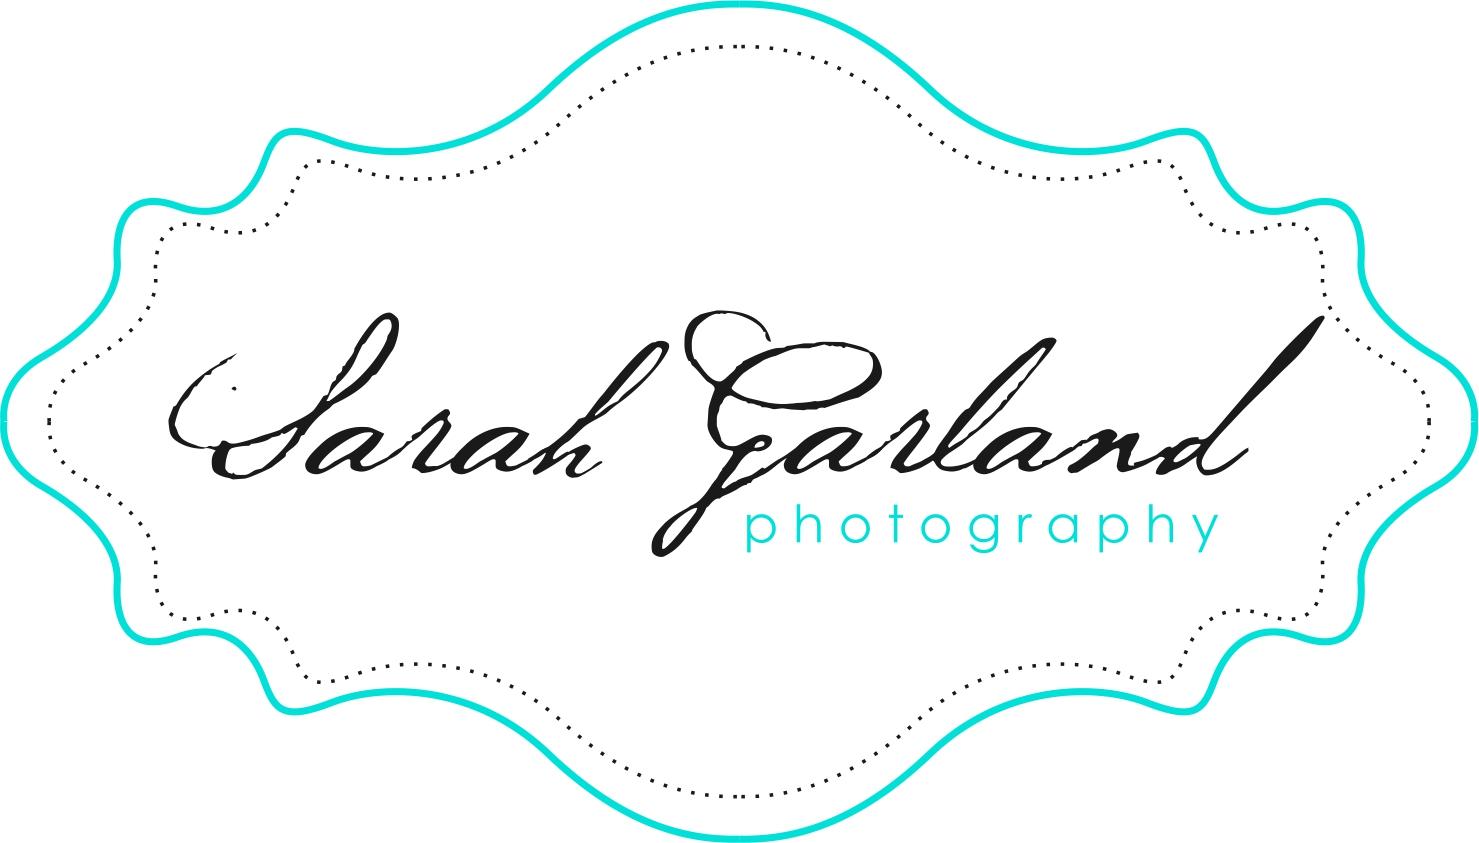 Sarah Garland Photography